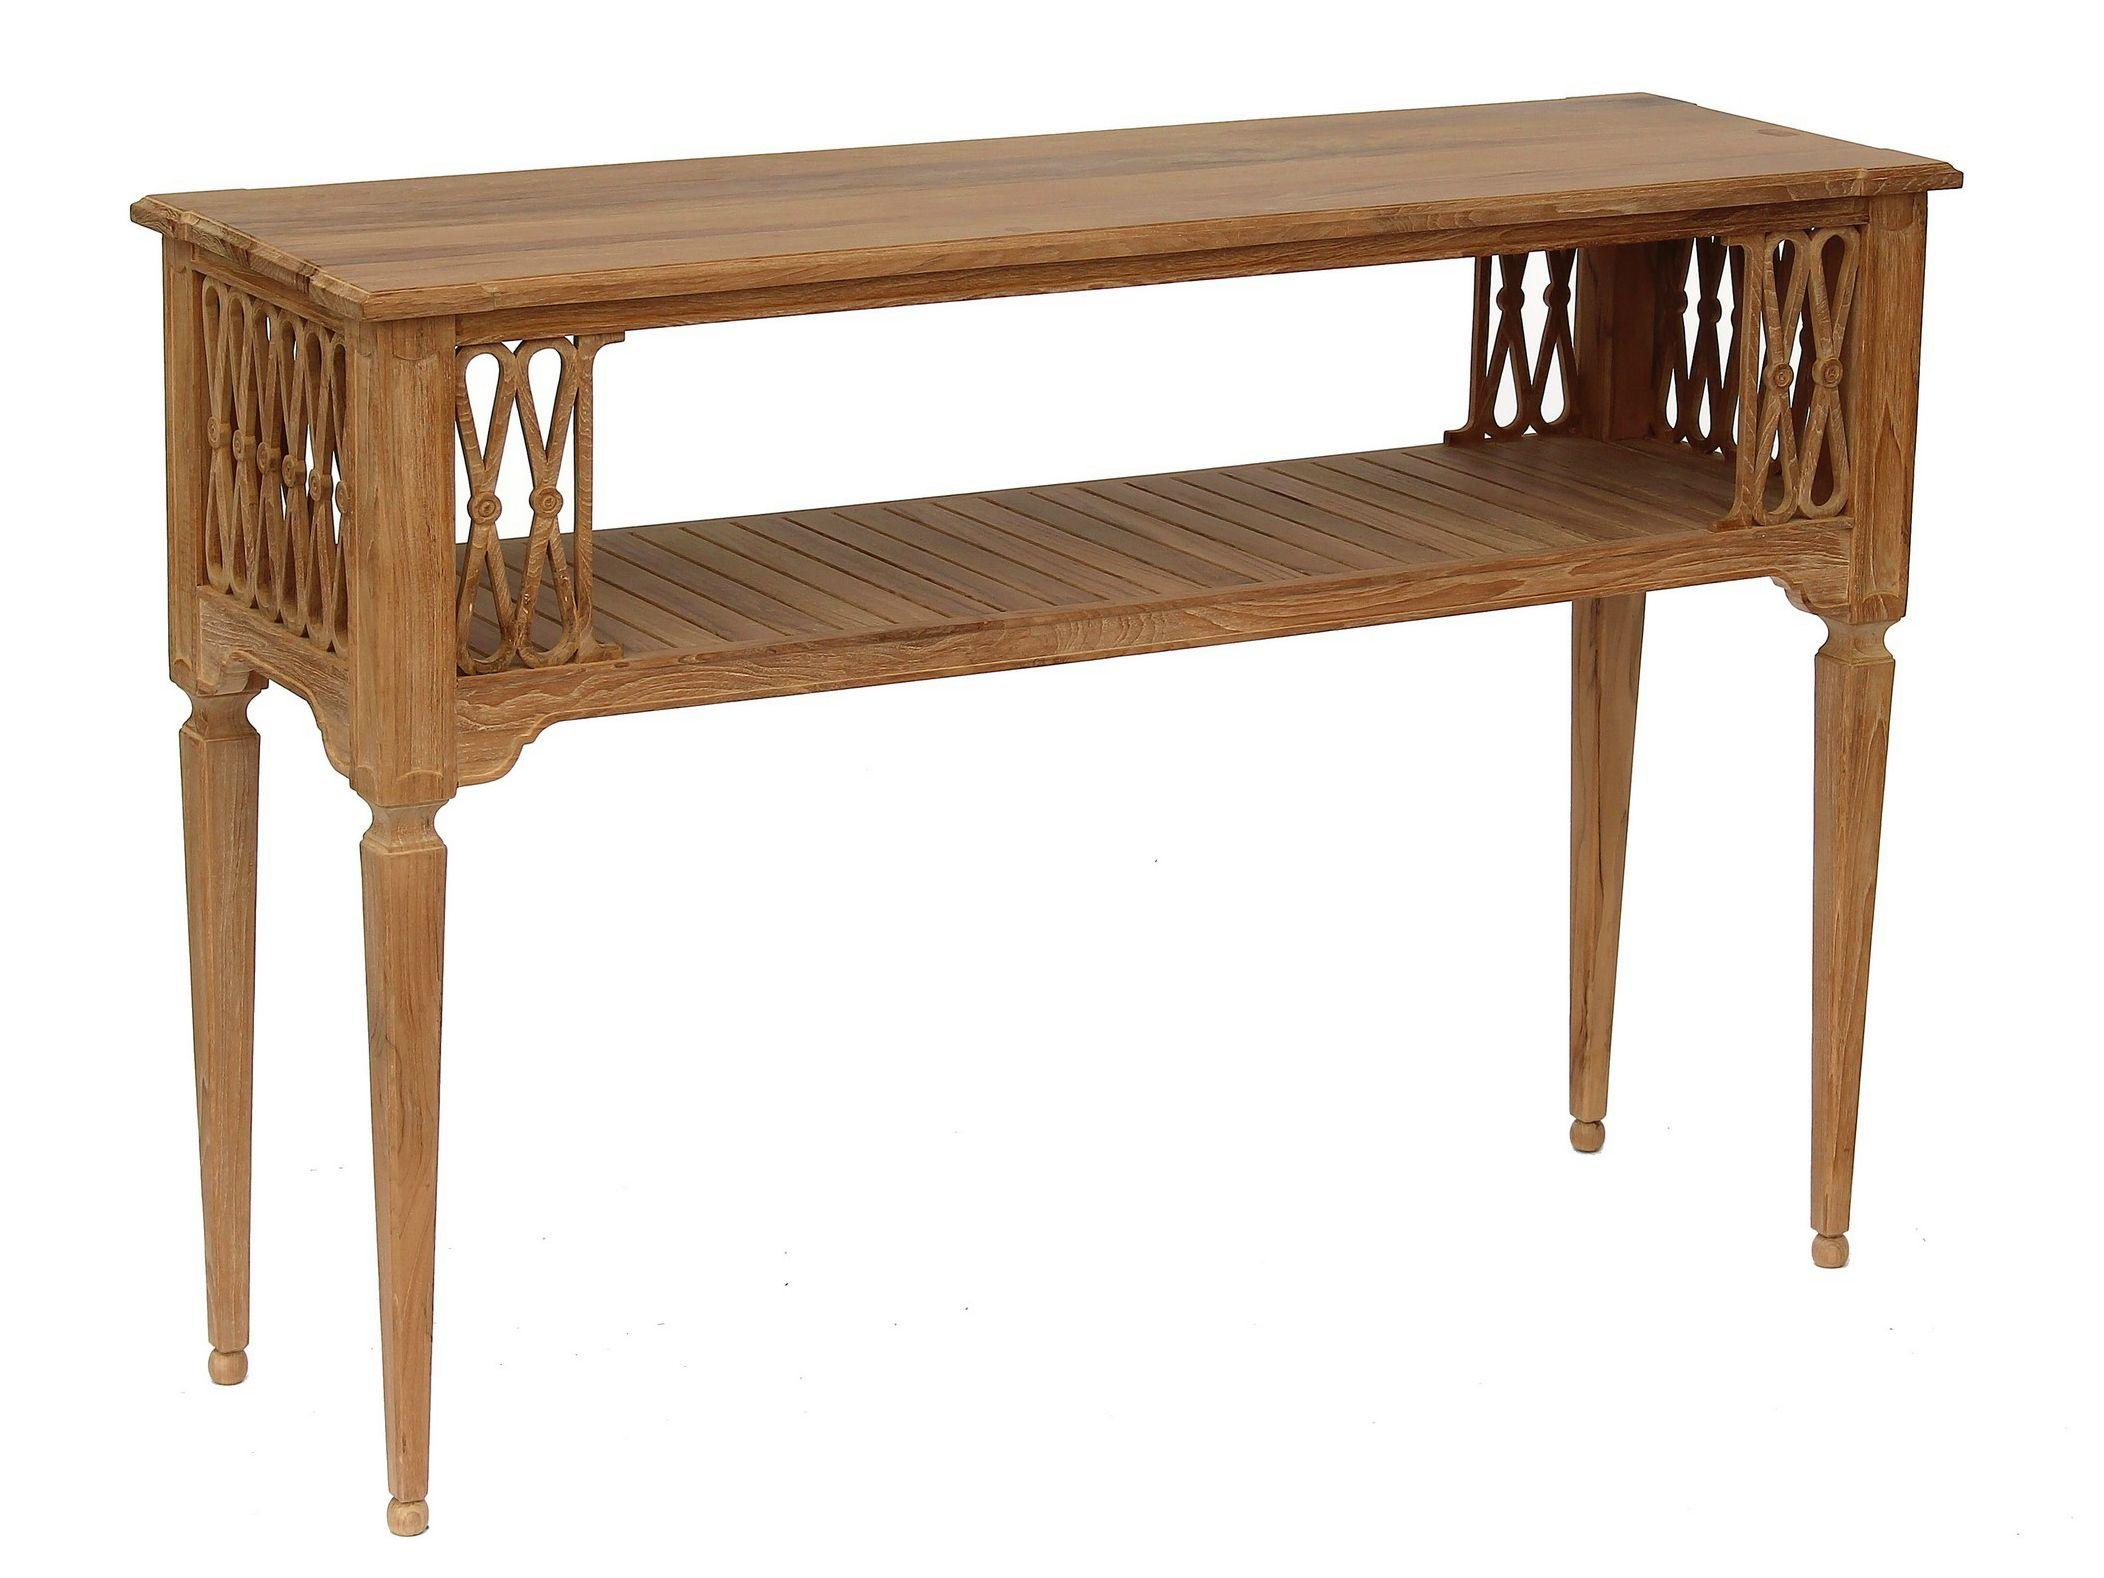 garten konsolentisch aus teakholz serpentine. Black Bedroom Furniture Sets. Home Design Ideas